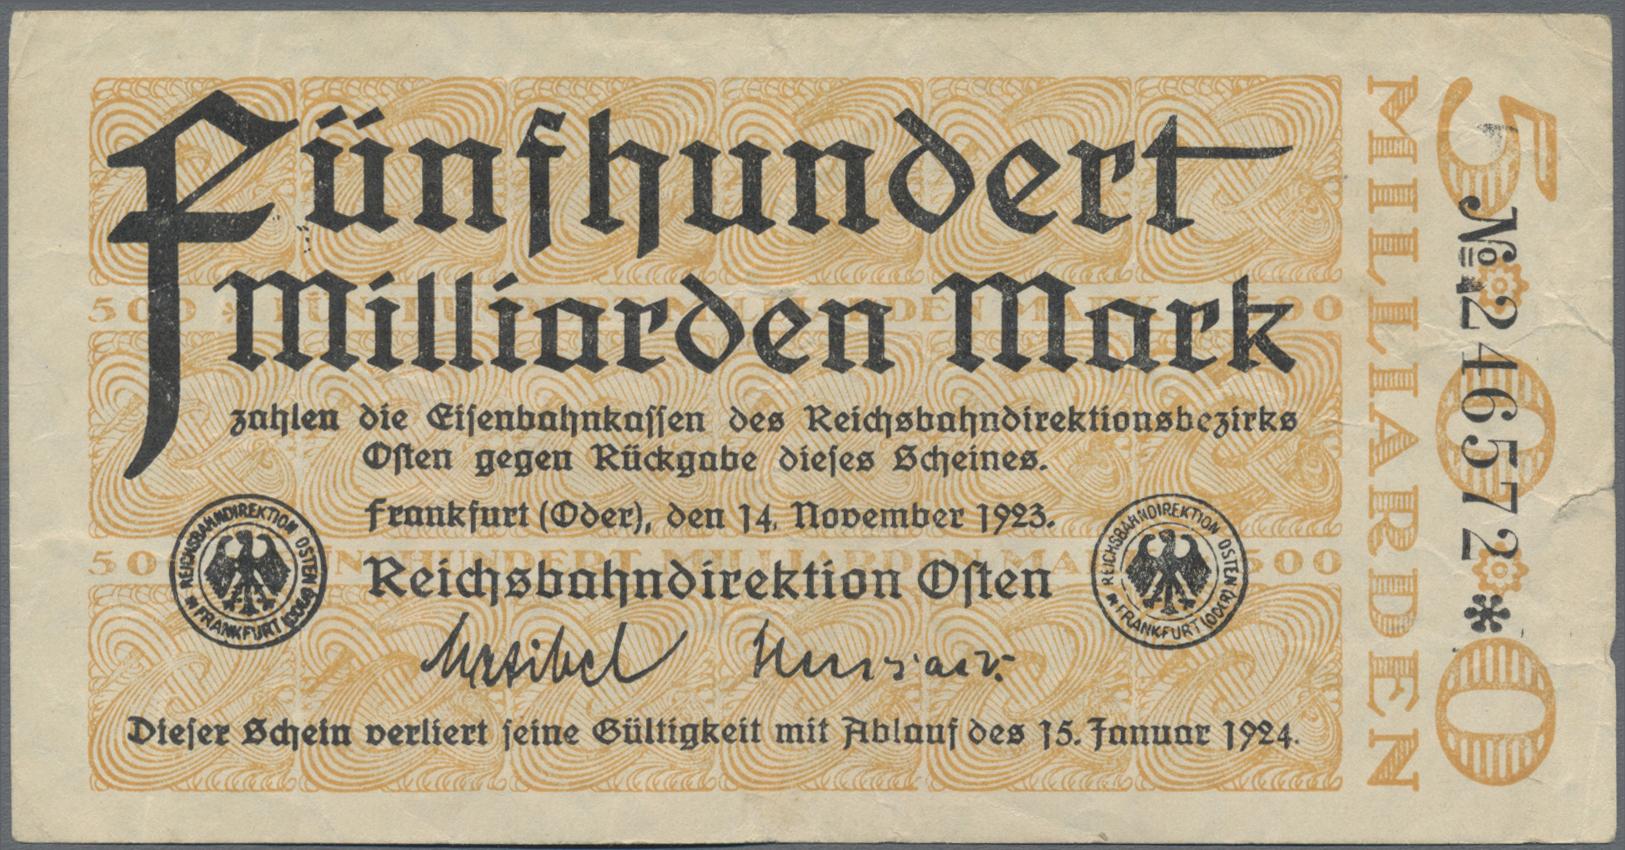 Lot 01401 - Deutschland - Reichsbahn / Reichspost | Banknoten  -  Auktionshaus Christoph Gärtner GmbH & Co. KG Sale #48 The Banknotes